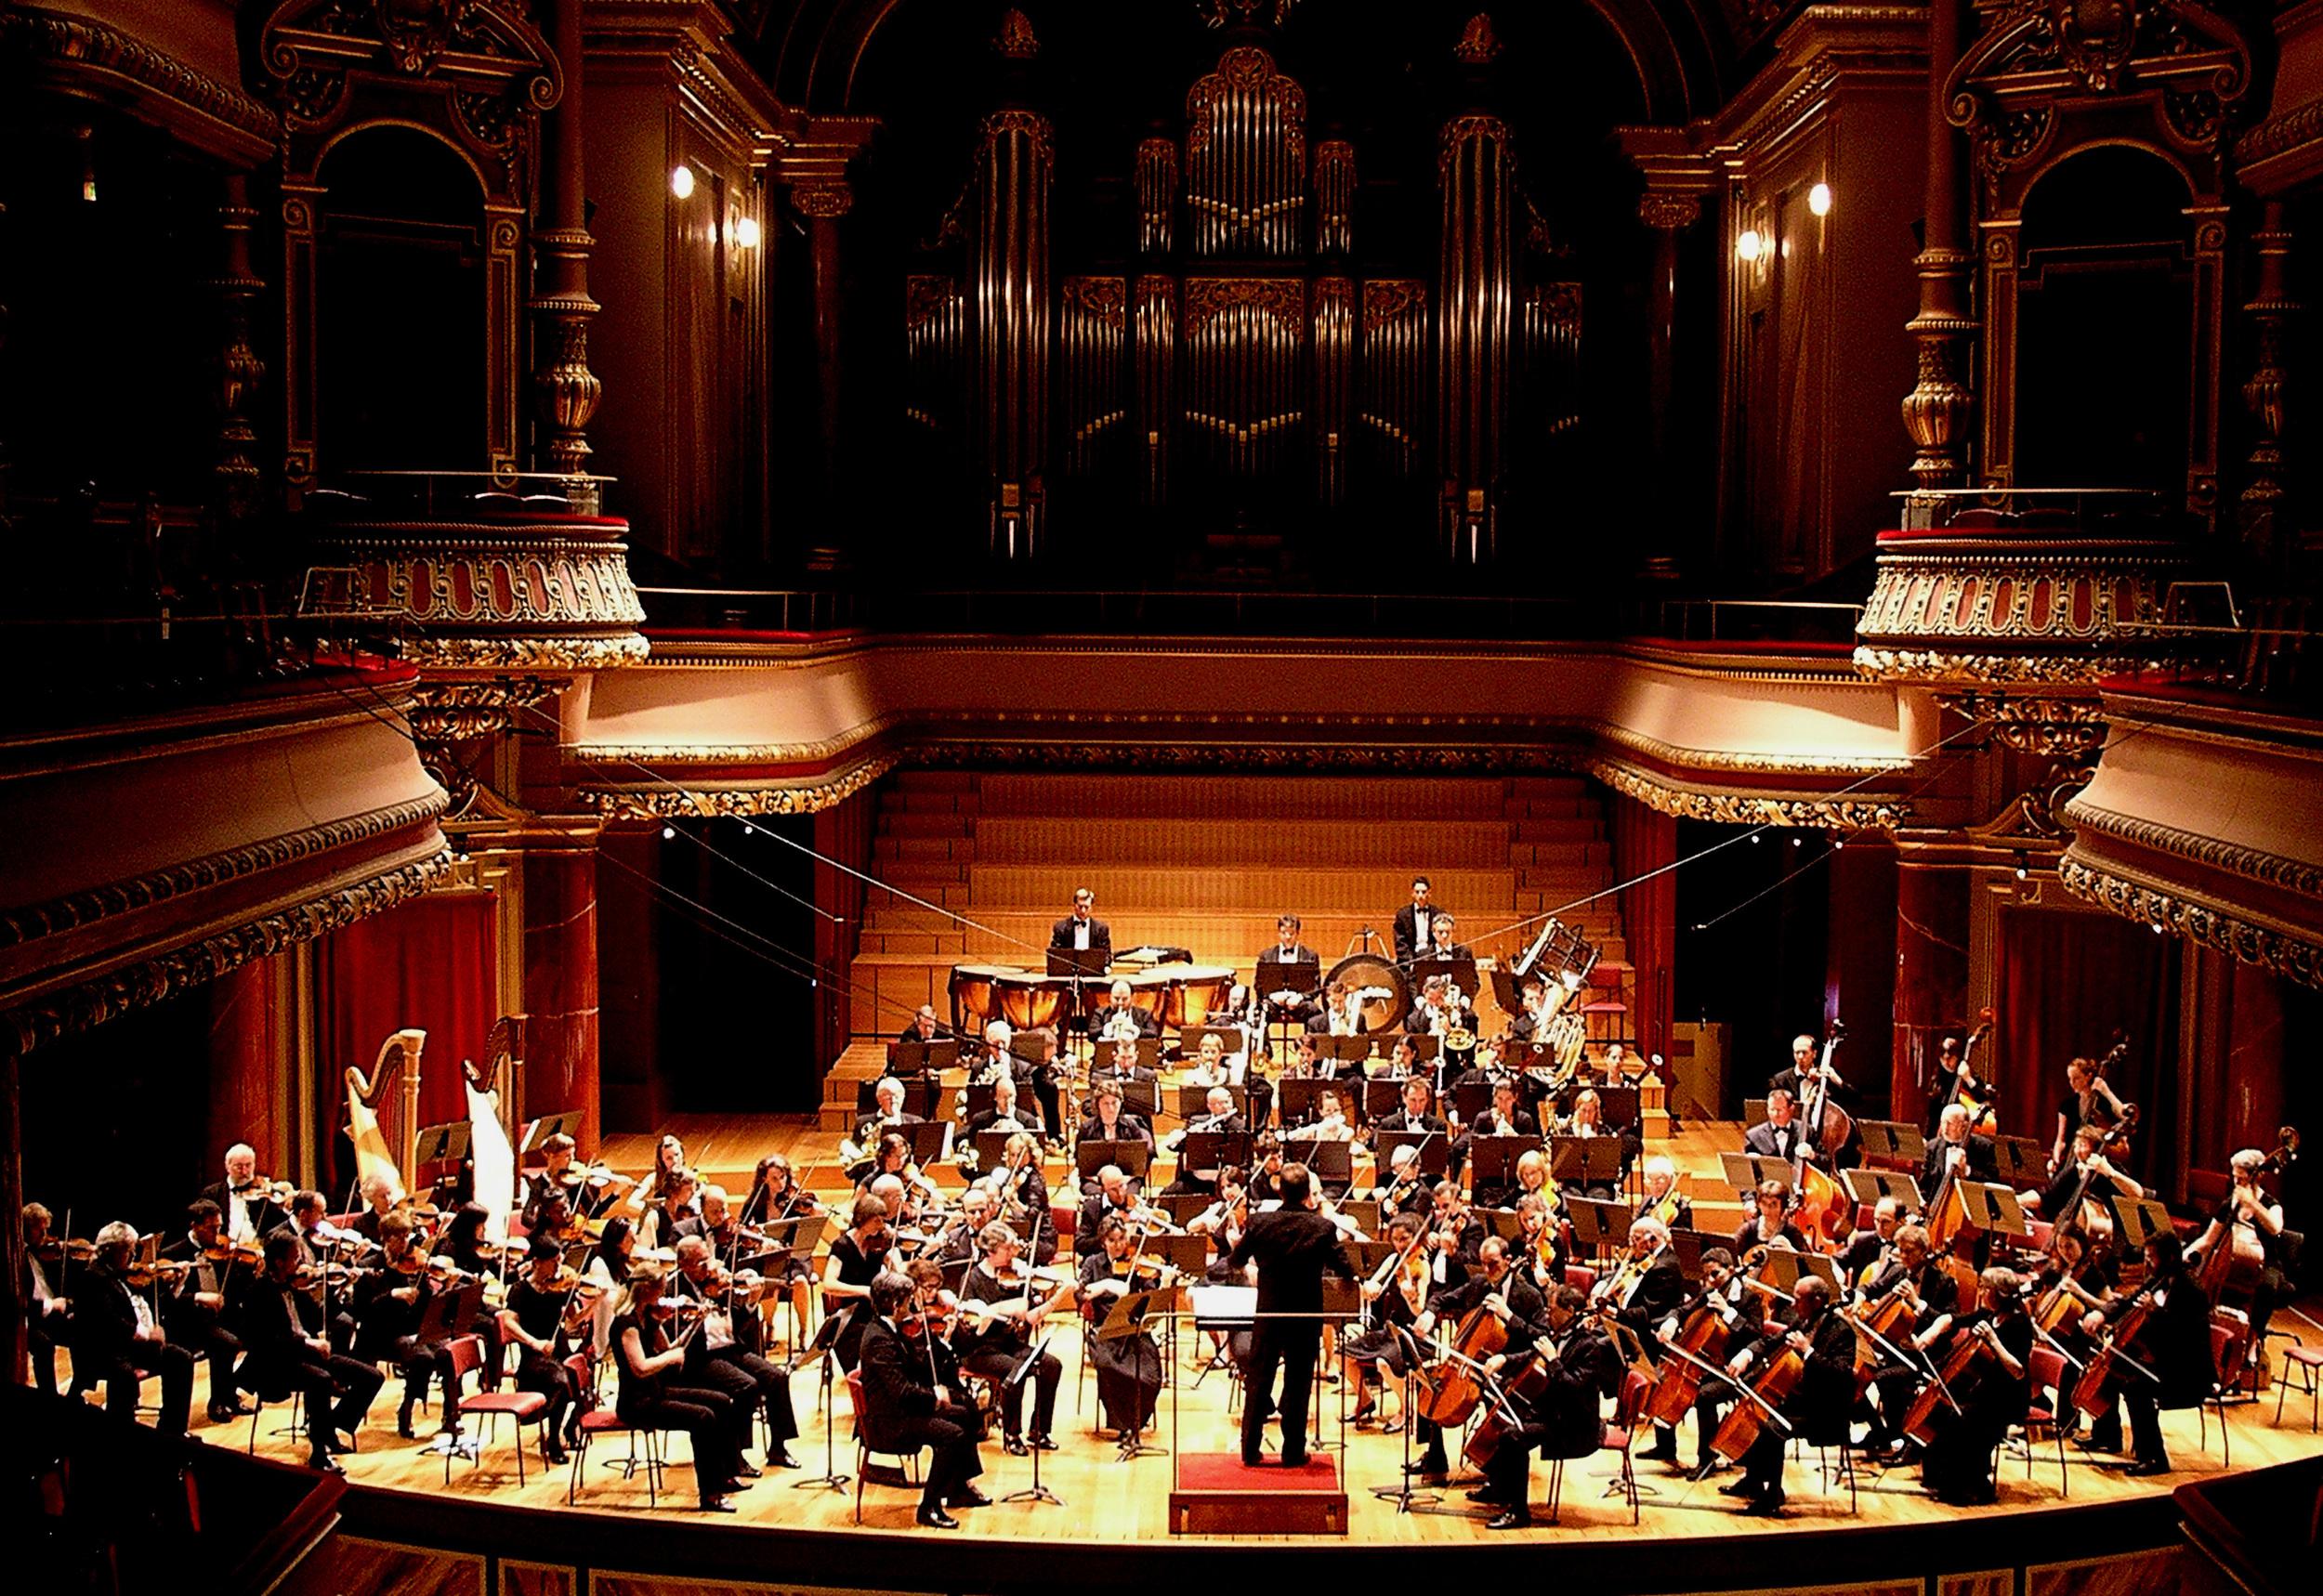 orchestre_symphonique.jpg